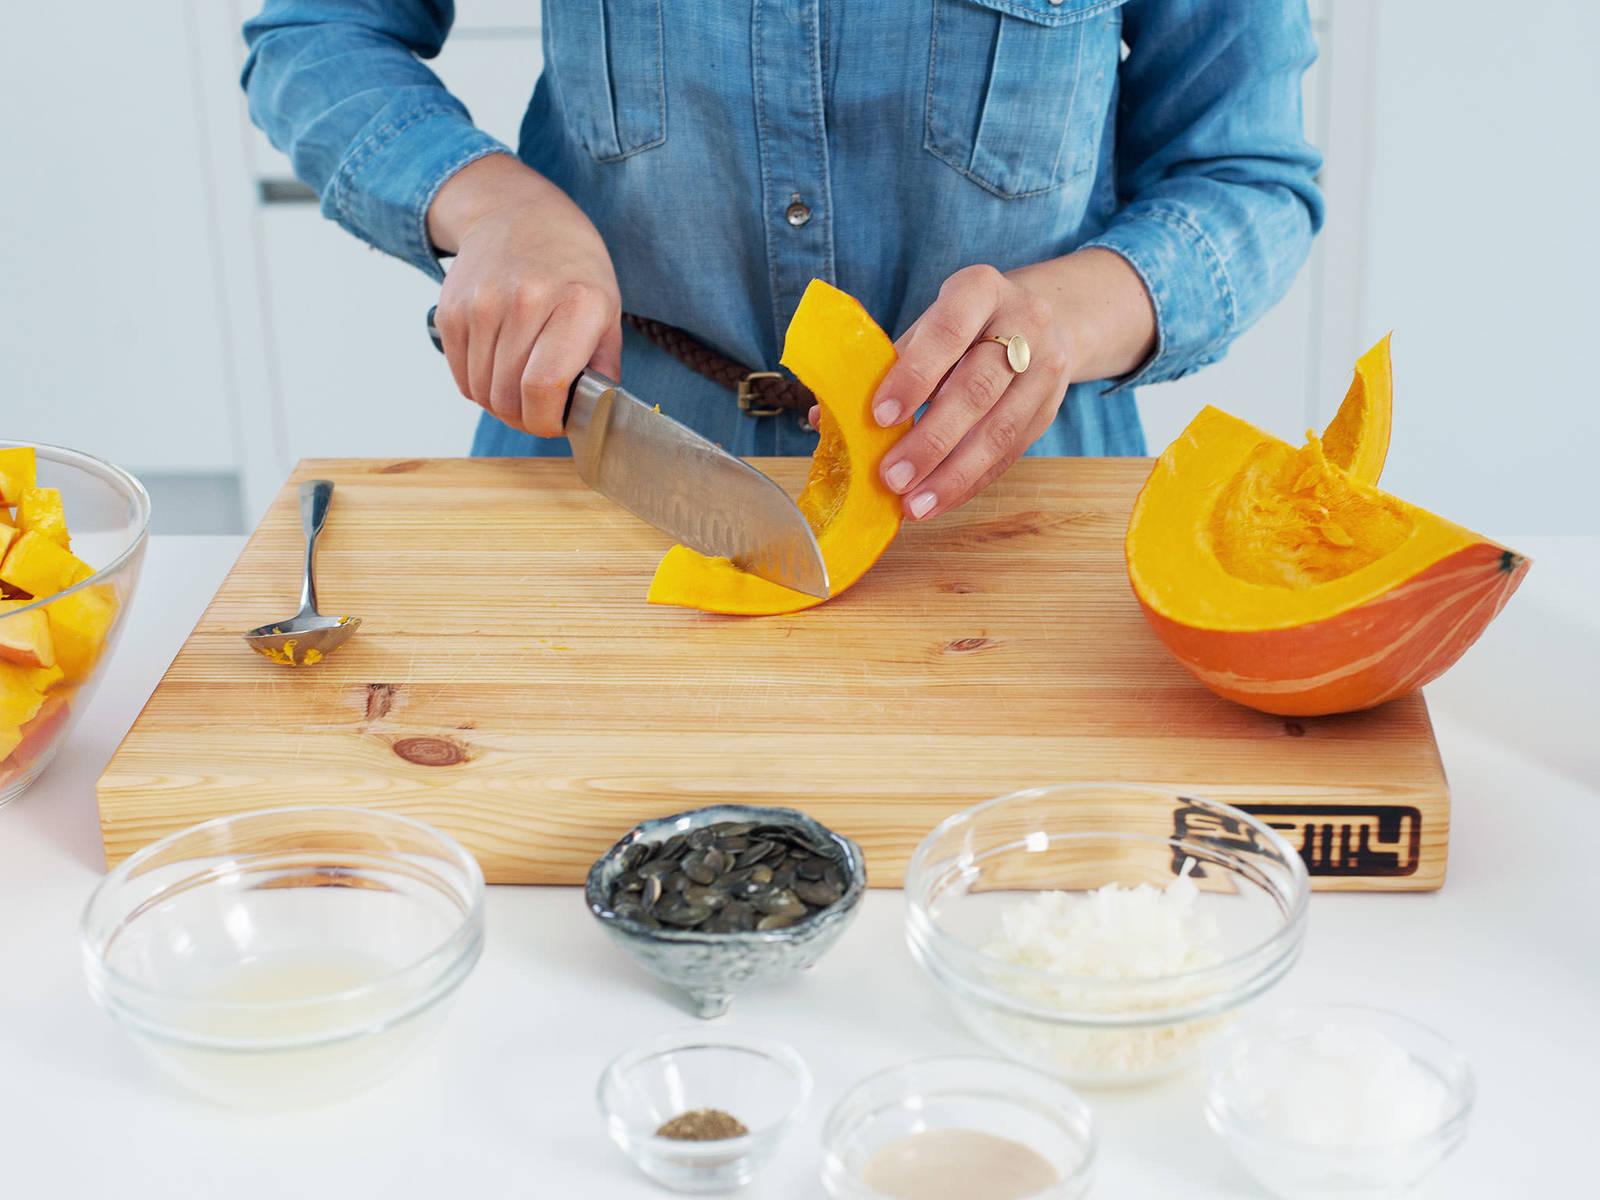 清洗南瓜,切半,用勺子挖去籽。将南瓜切片,再切成大块。